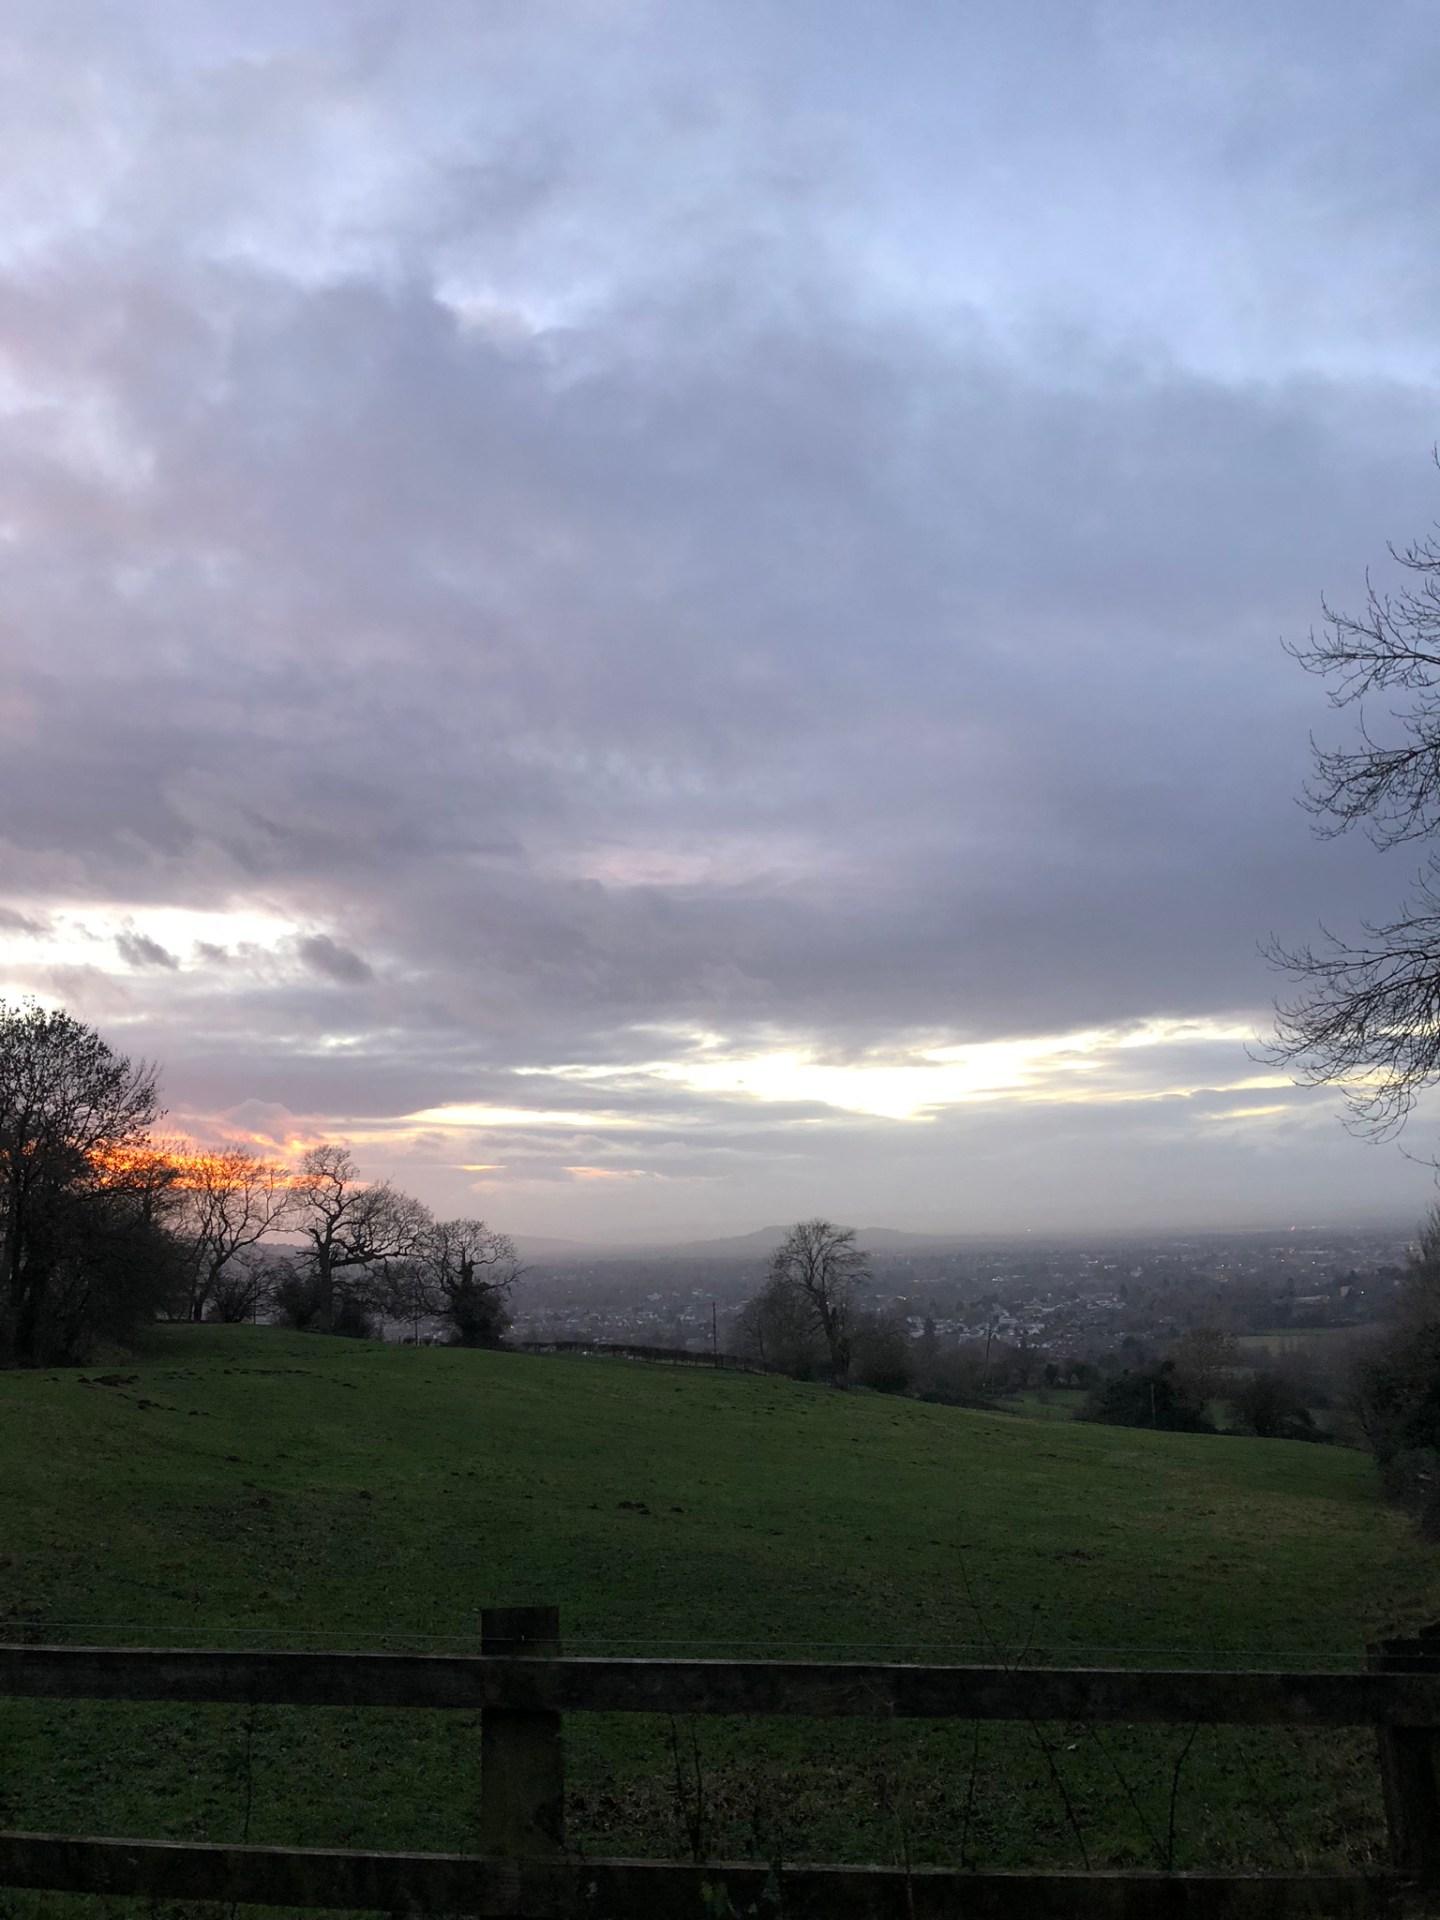 Home for the holidays: sunset over Cheltenham in December